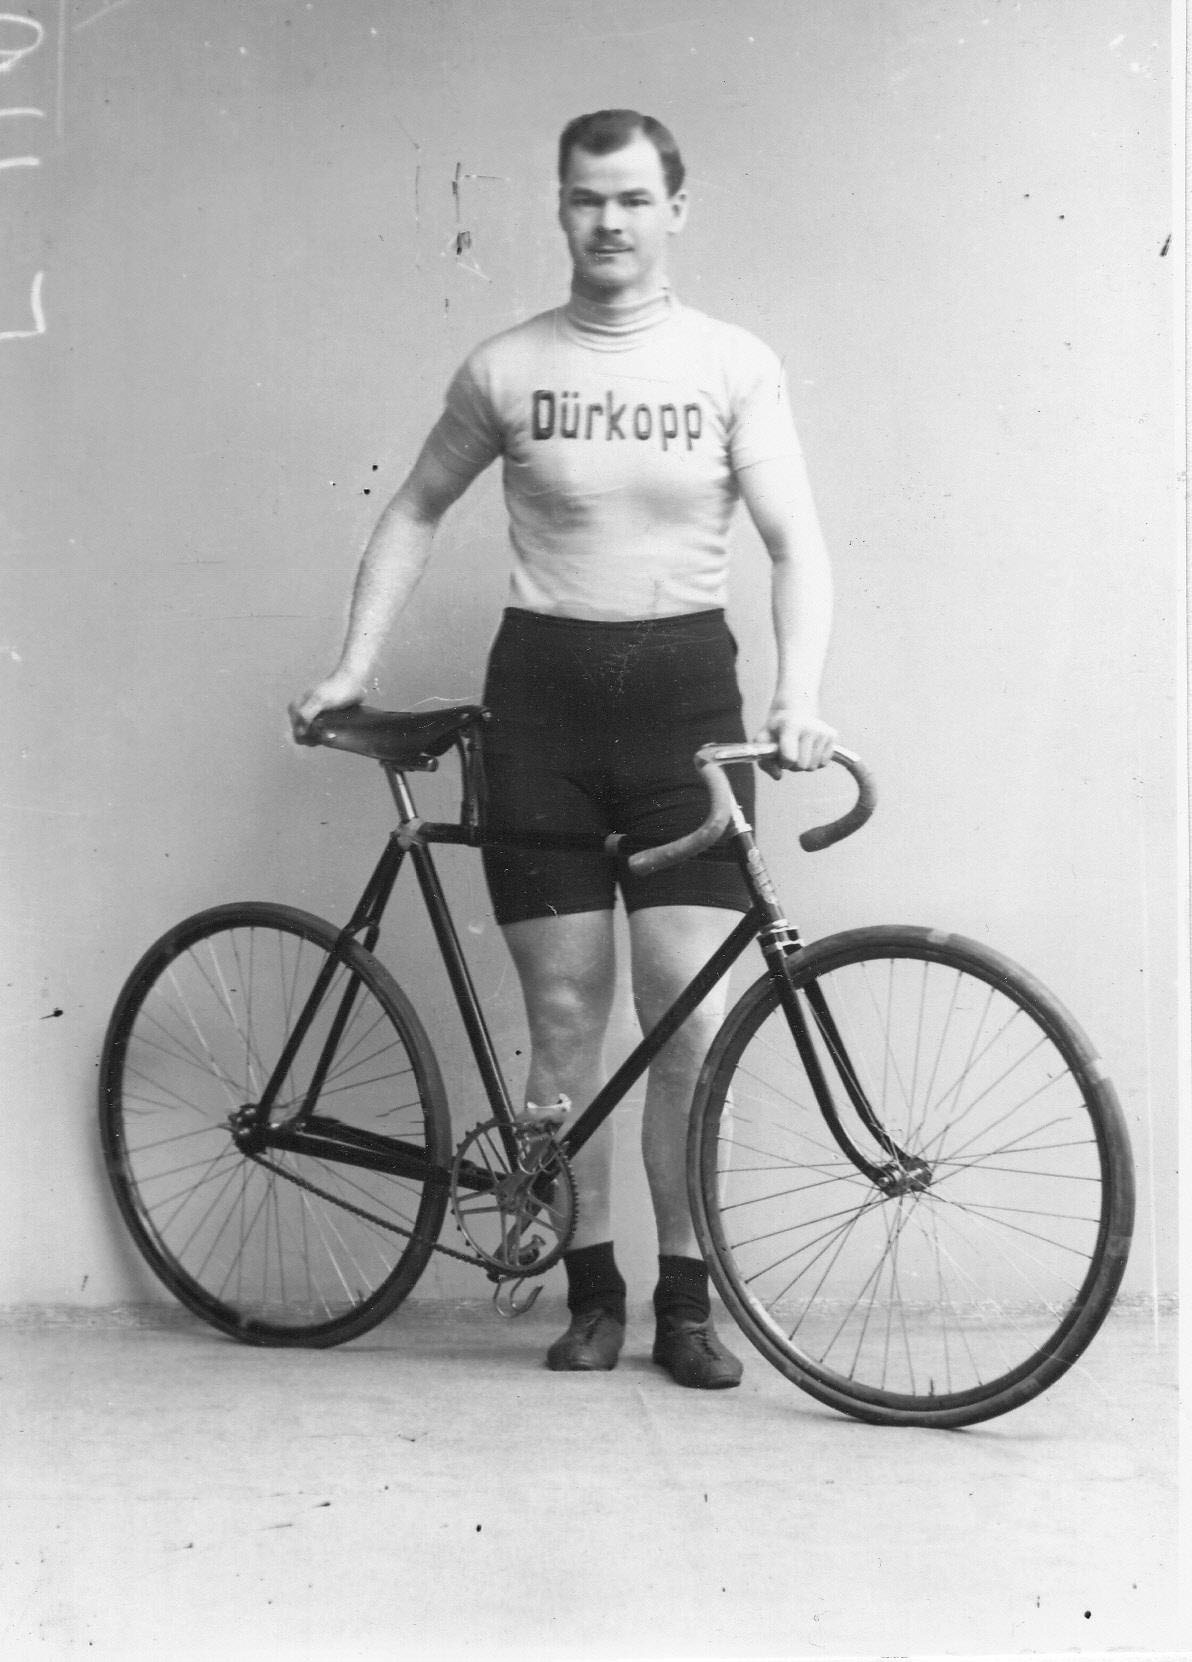 Участник велогонок, представитель фирмы Дюркопп (Германия), с велосипедом